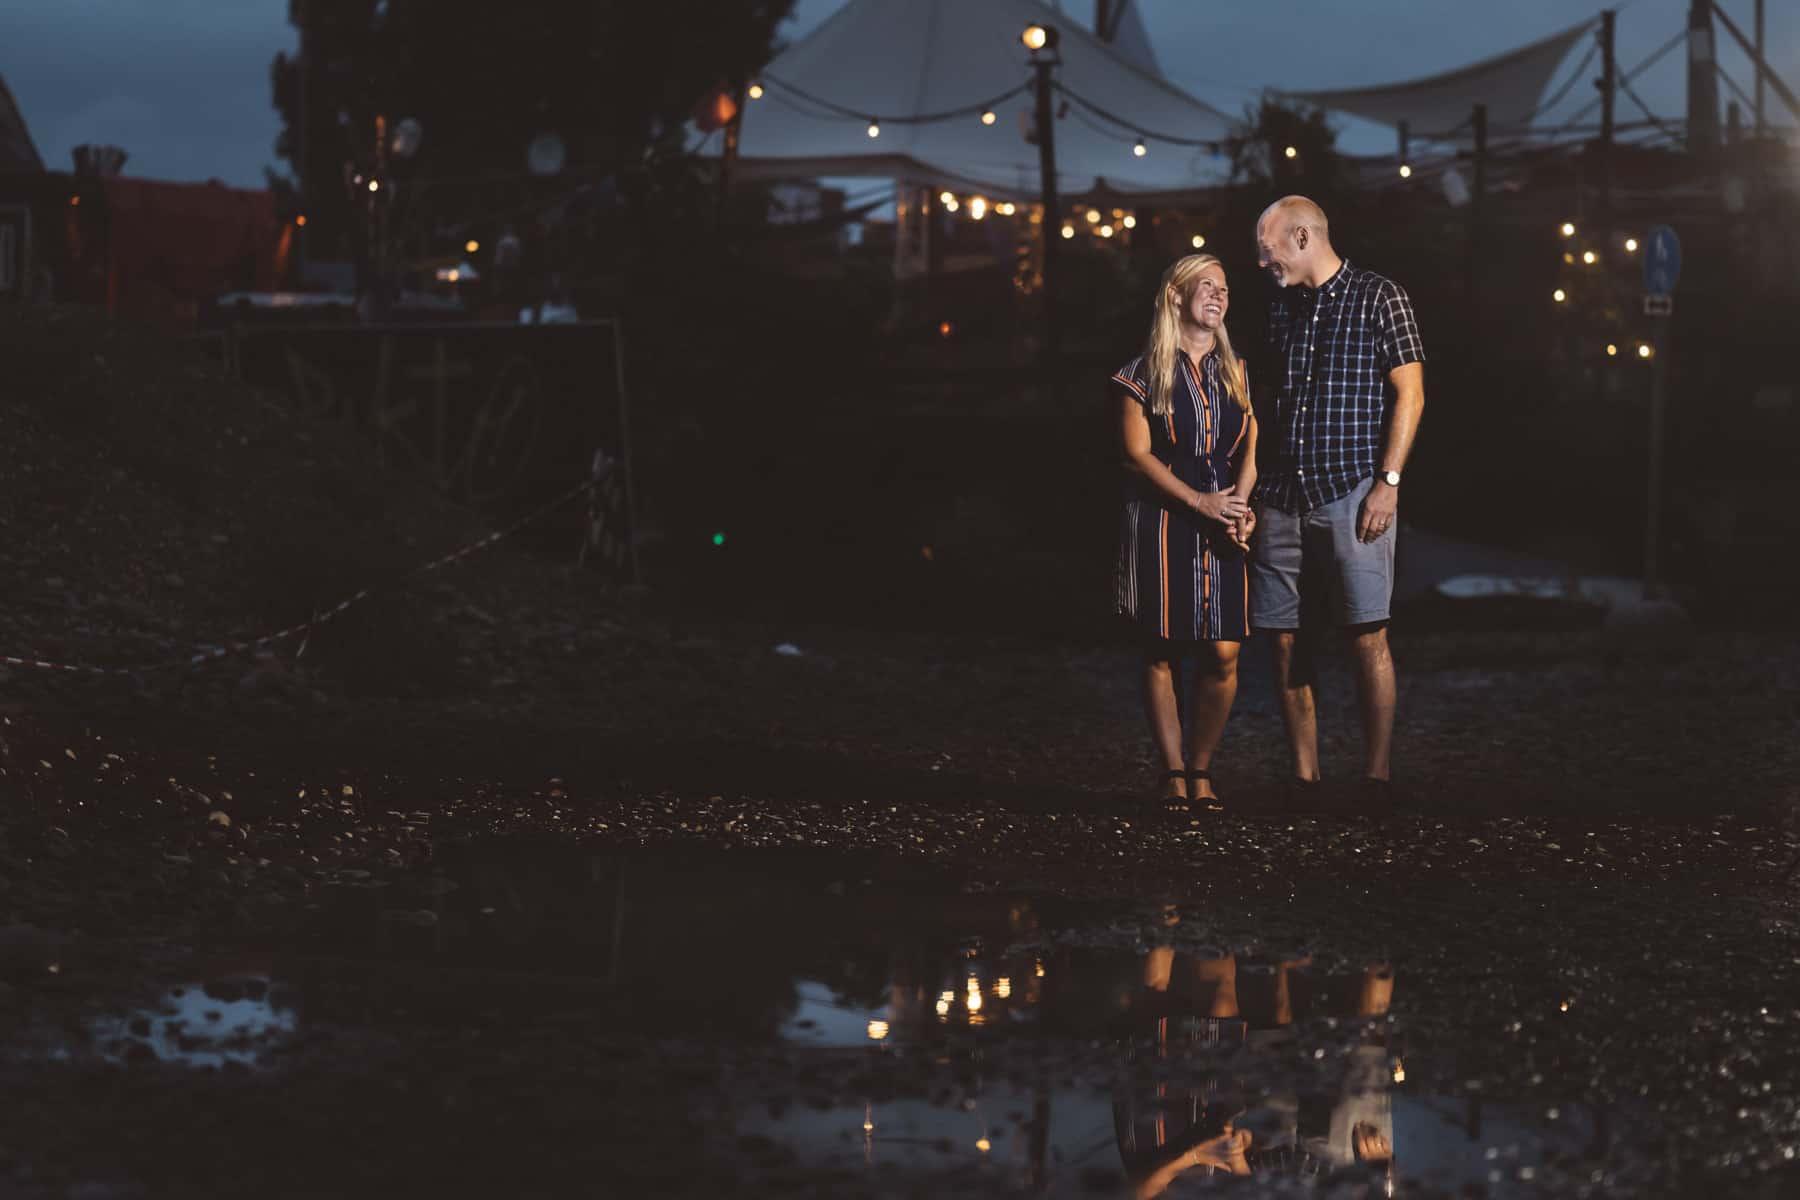 Paar vor Lichtern mit Spiegelung in Pfütze